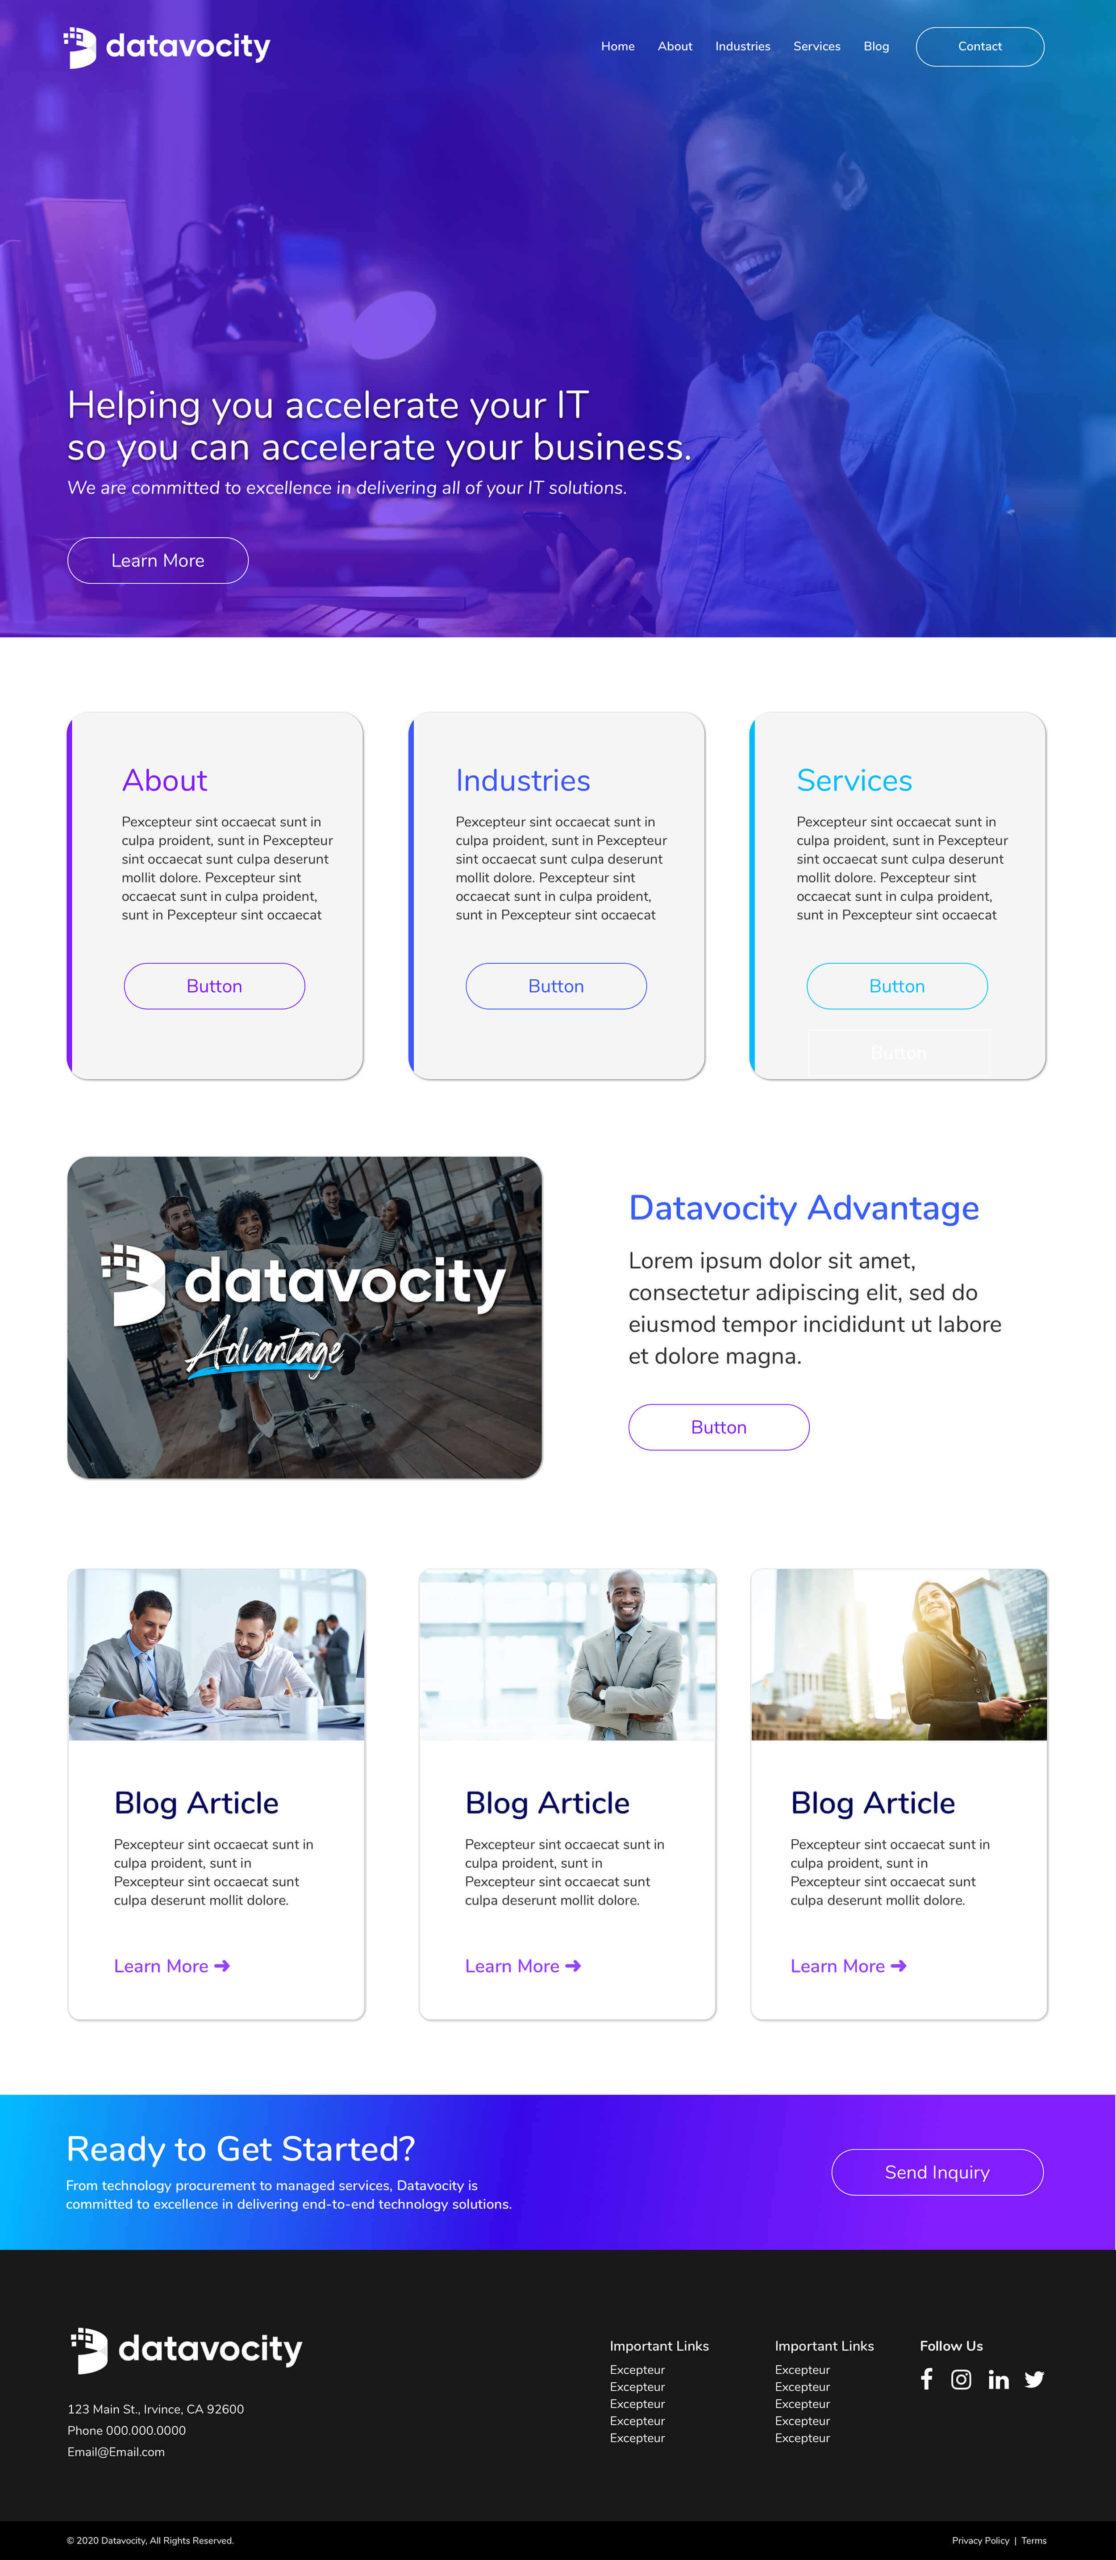 Datavocity-Homepage